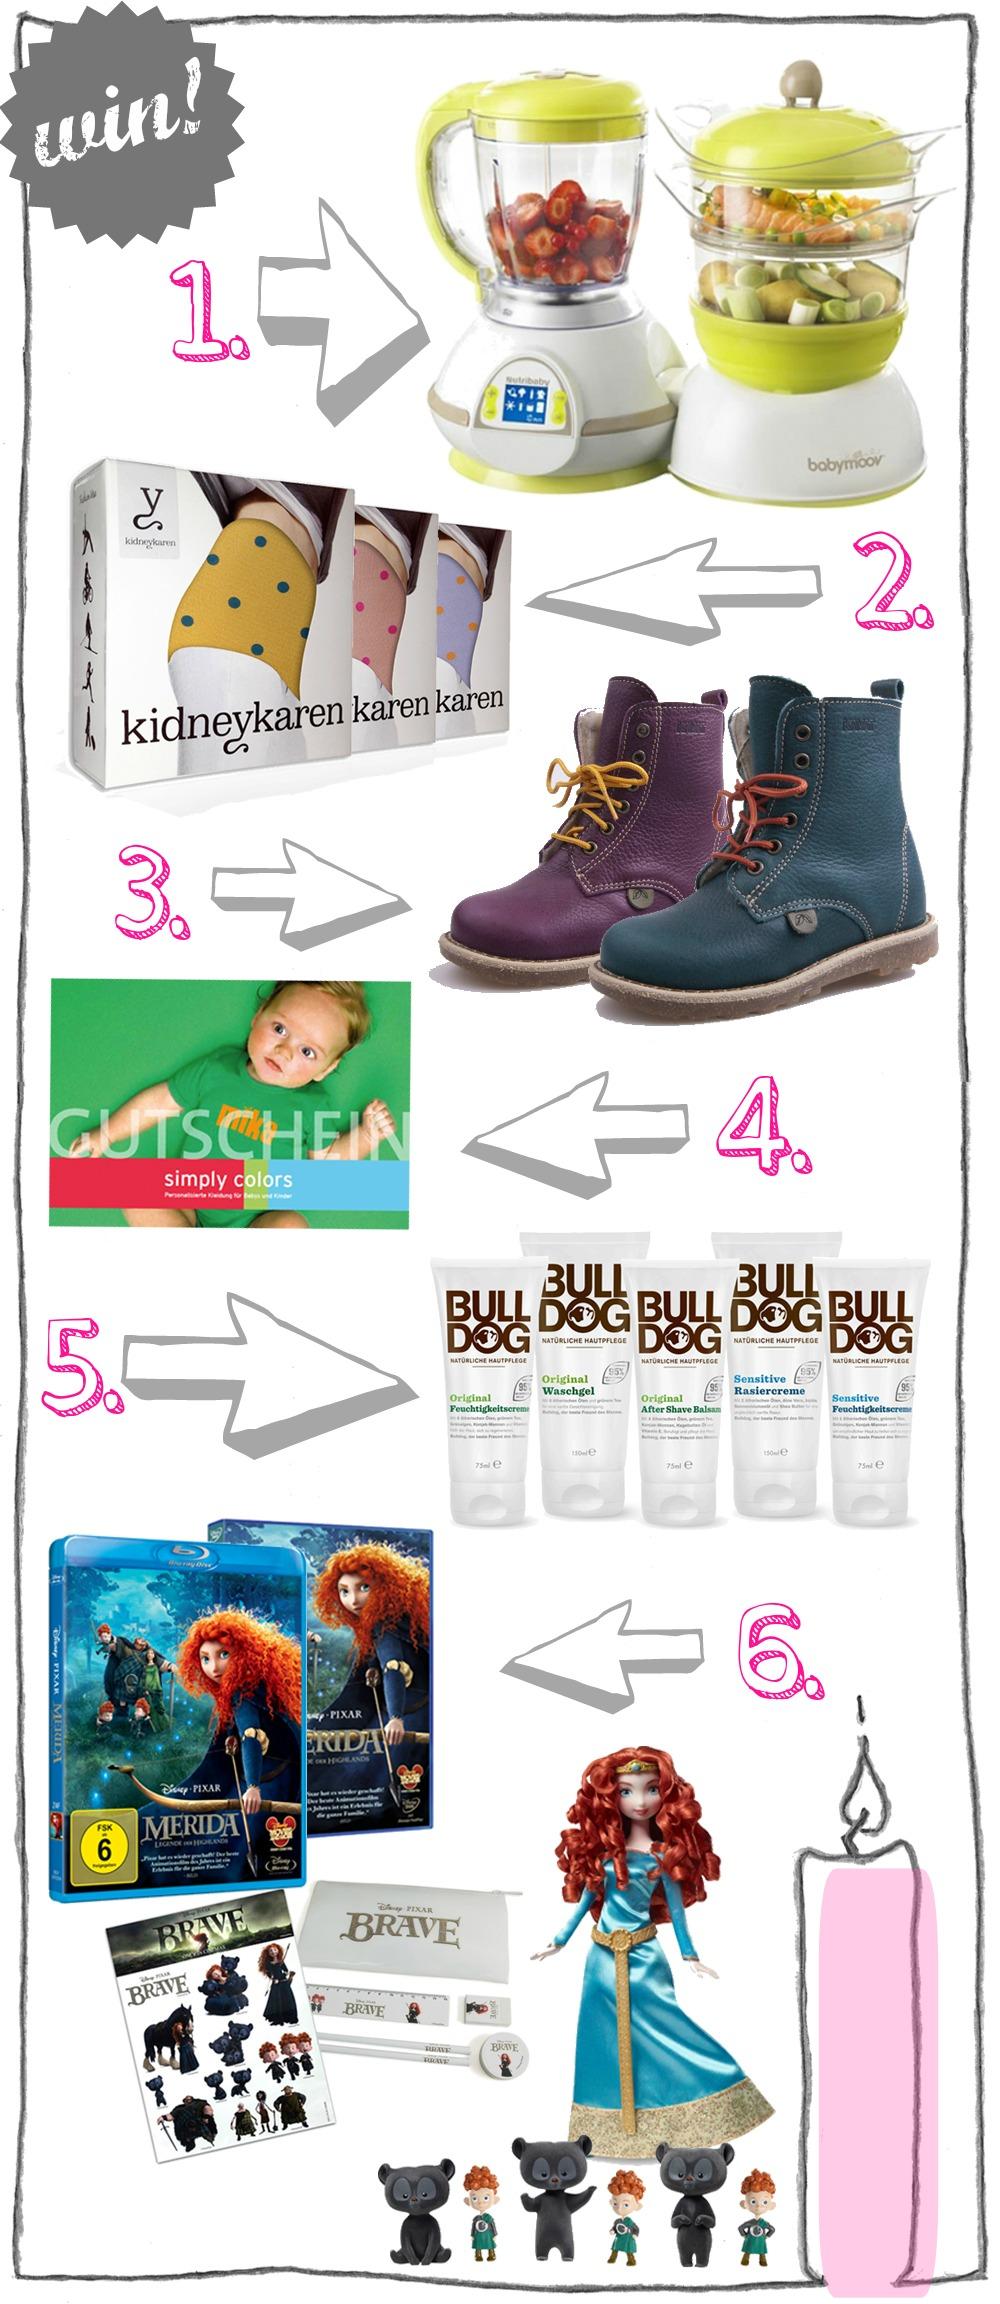 kleinstyle's adventzeit 2012 gewinne 1. advent Nutribaby von babymoov, kidneykaren, kavat boots, simply colors, bulldog cosmetics, disney/pixar Merida blu-ray mattel puppe